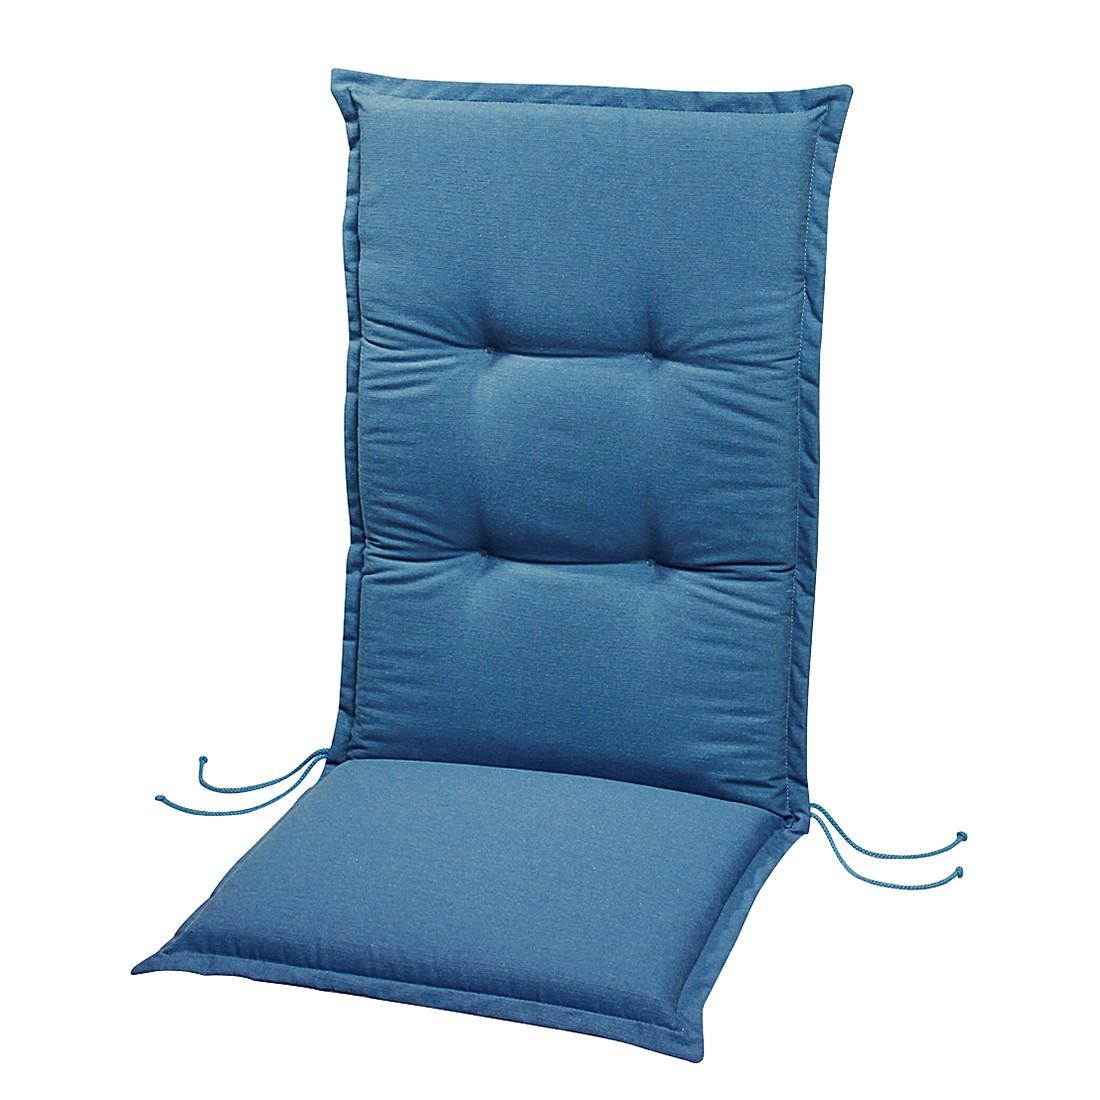 Polsterauflage Lorelai - Blau - Deck-Chair - 144 x 50 cm, Best Freizeitmöbel